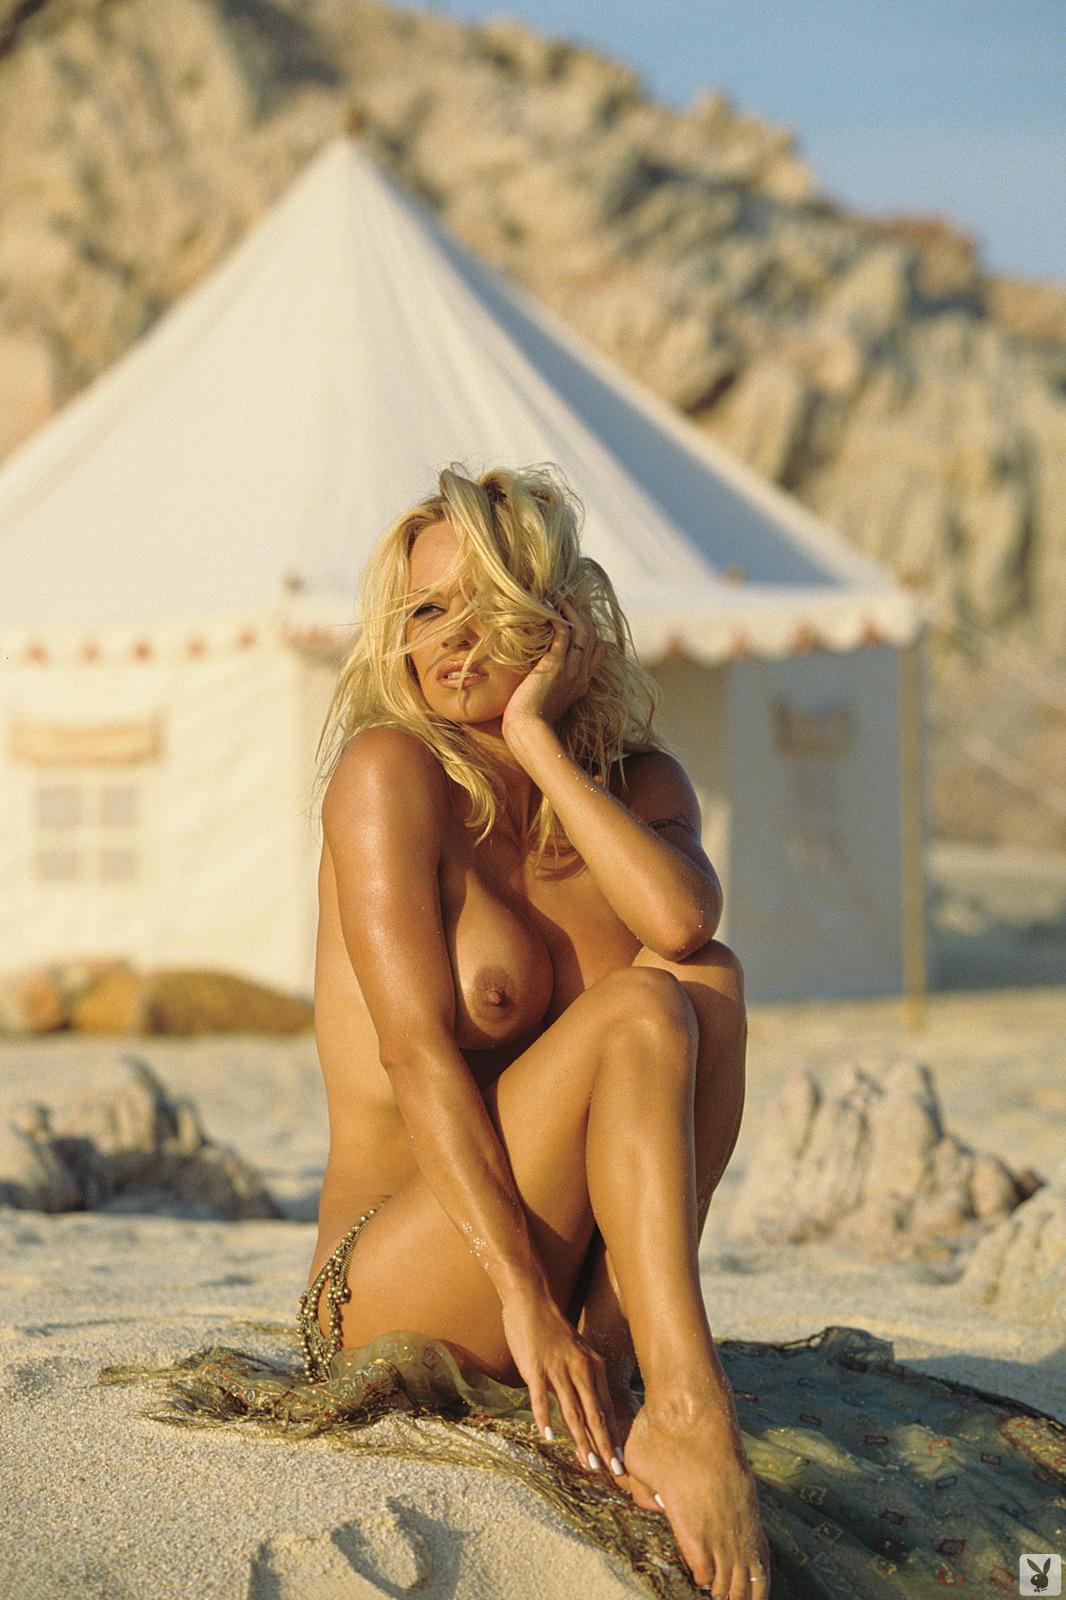 leah off of futurama nude